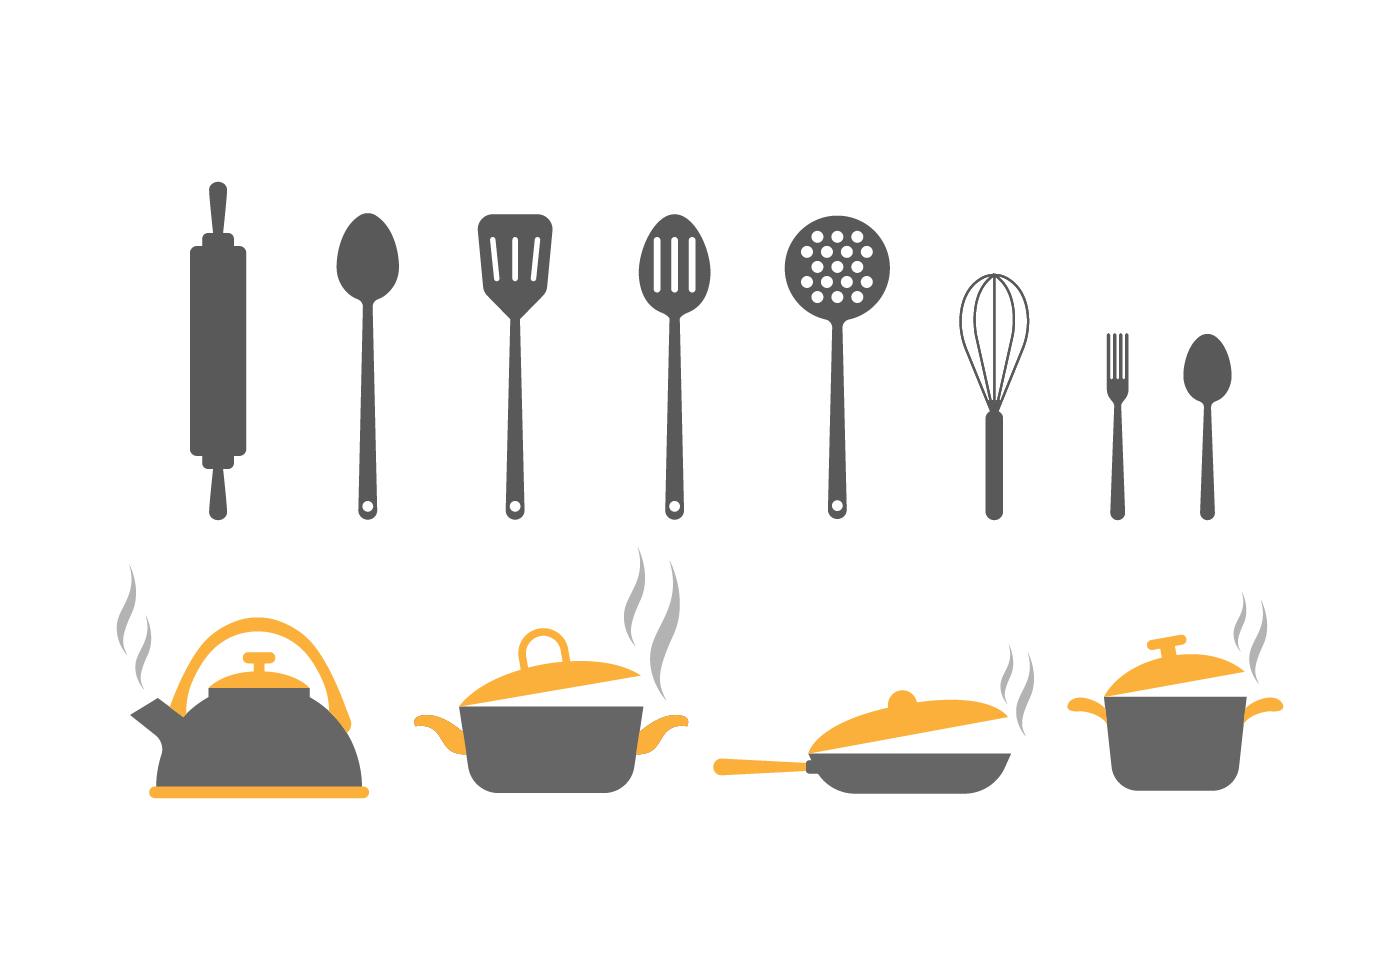 Kitchen Utensils Free Vector Art - (1128 Free Downloads)